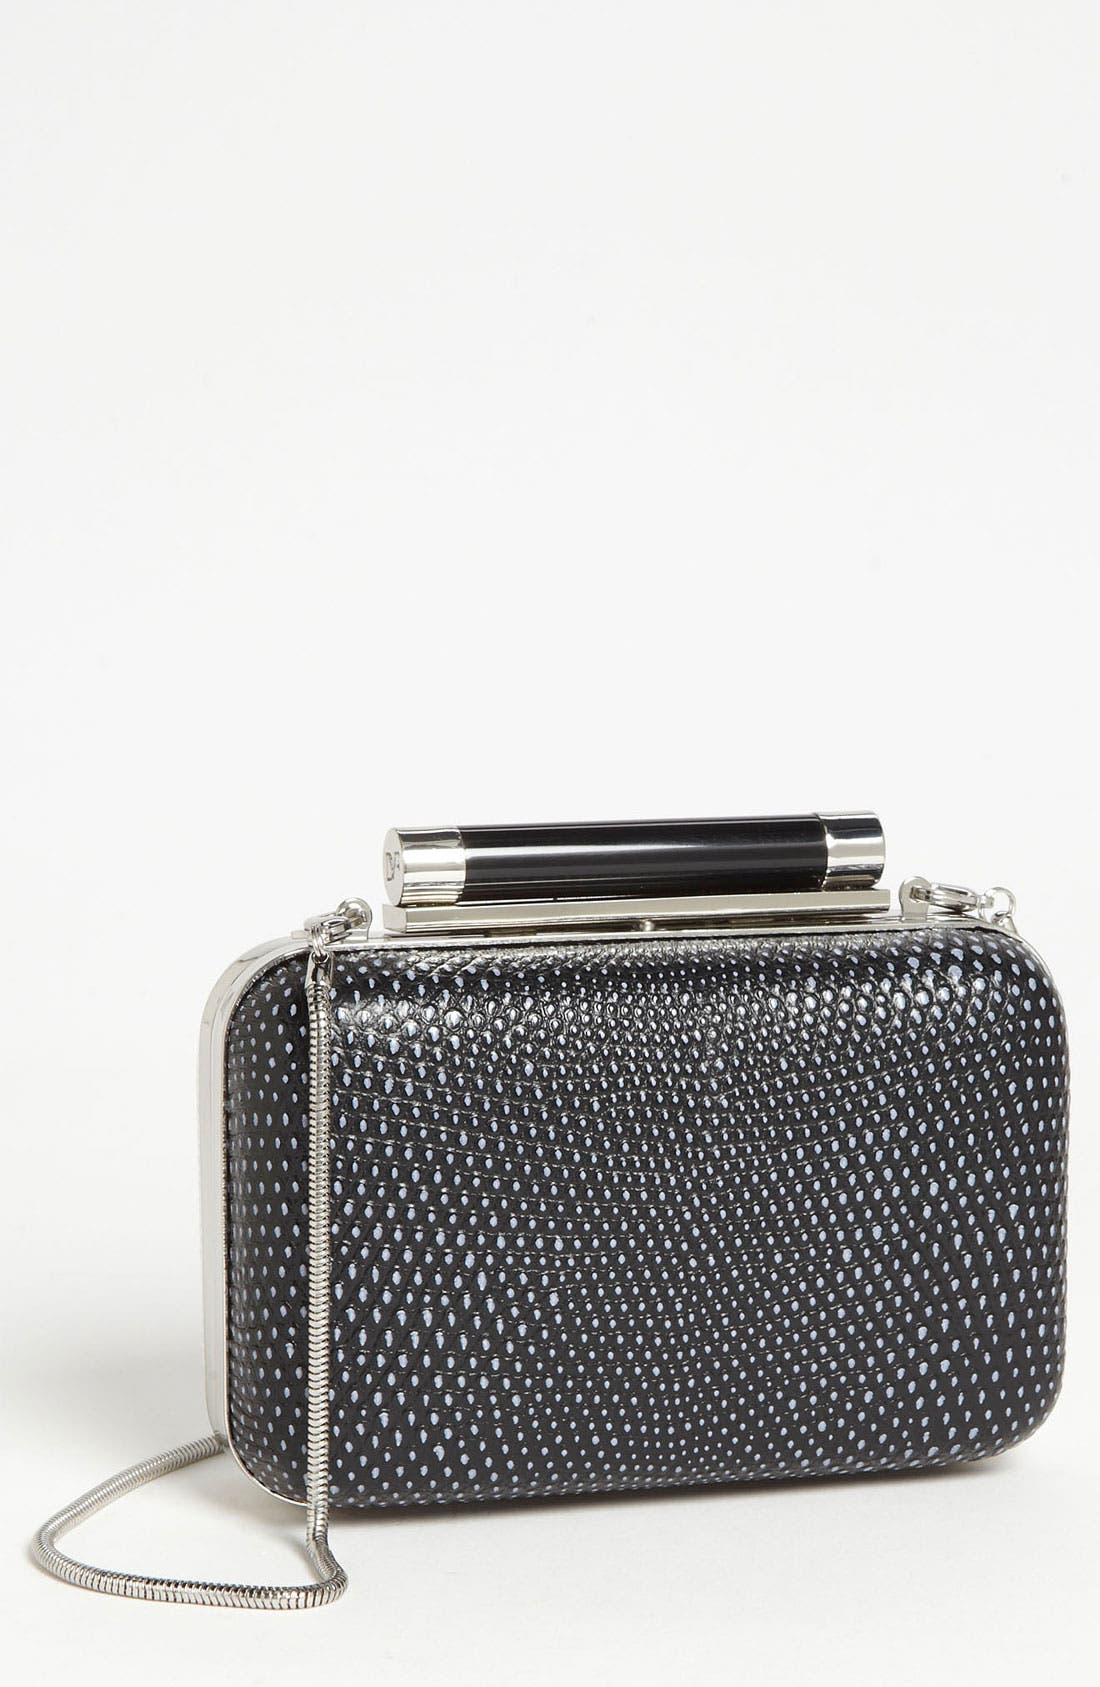 Main Image - Diane von Furstenberg 'Tonda - Small' Embossed Clutch